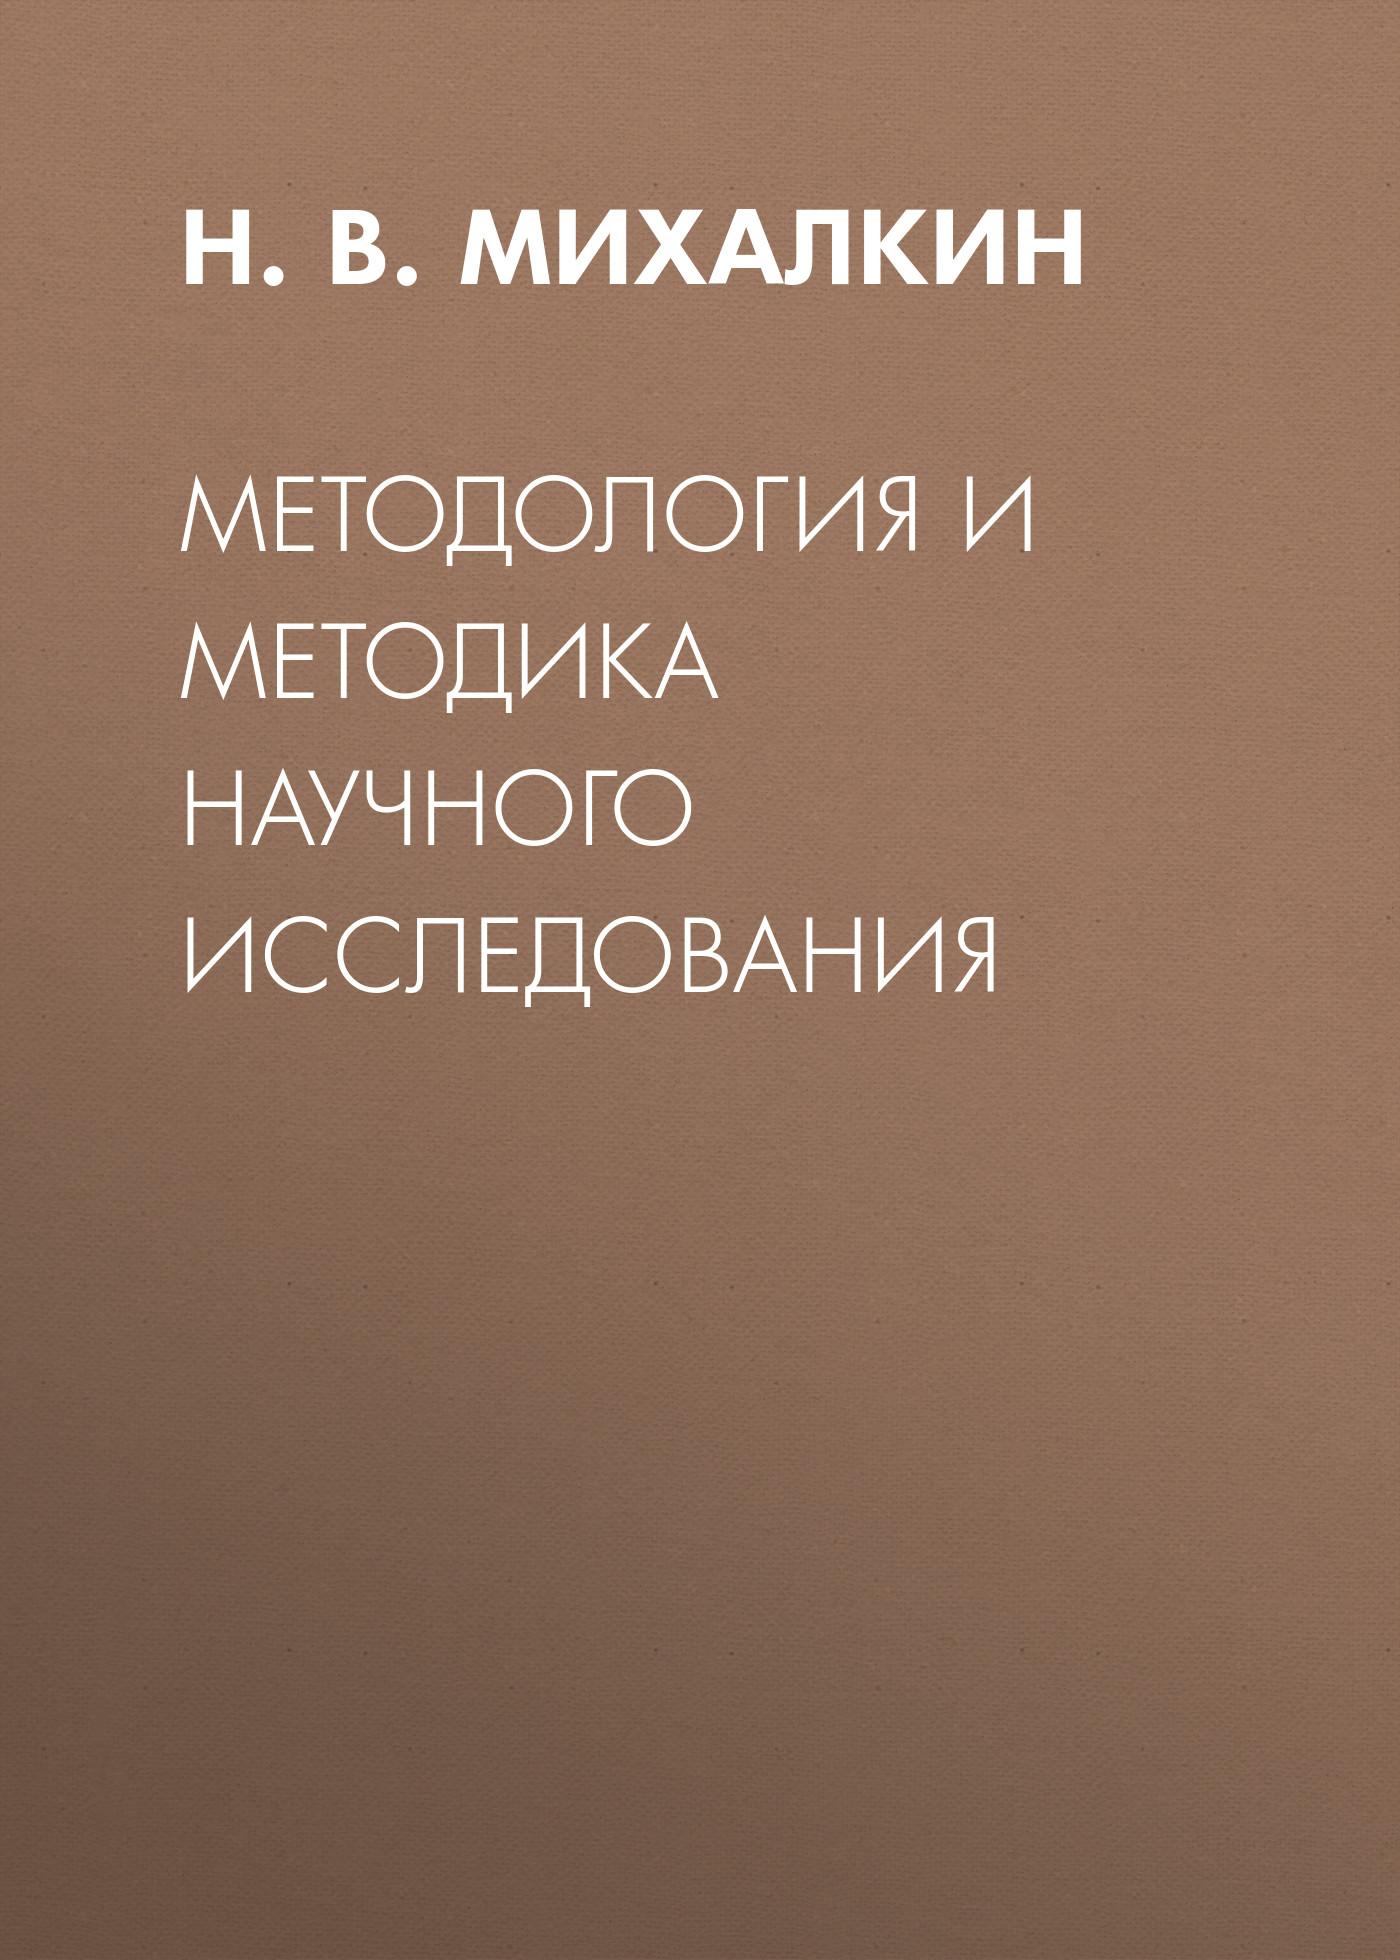 Николай Васильевич Михалкин Методология и методика научного исследования новиков а новиков д методология научного исследования